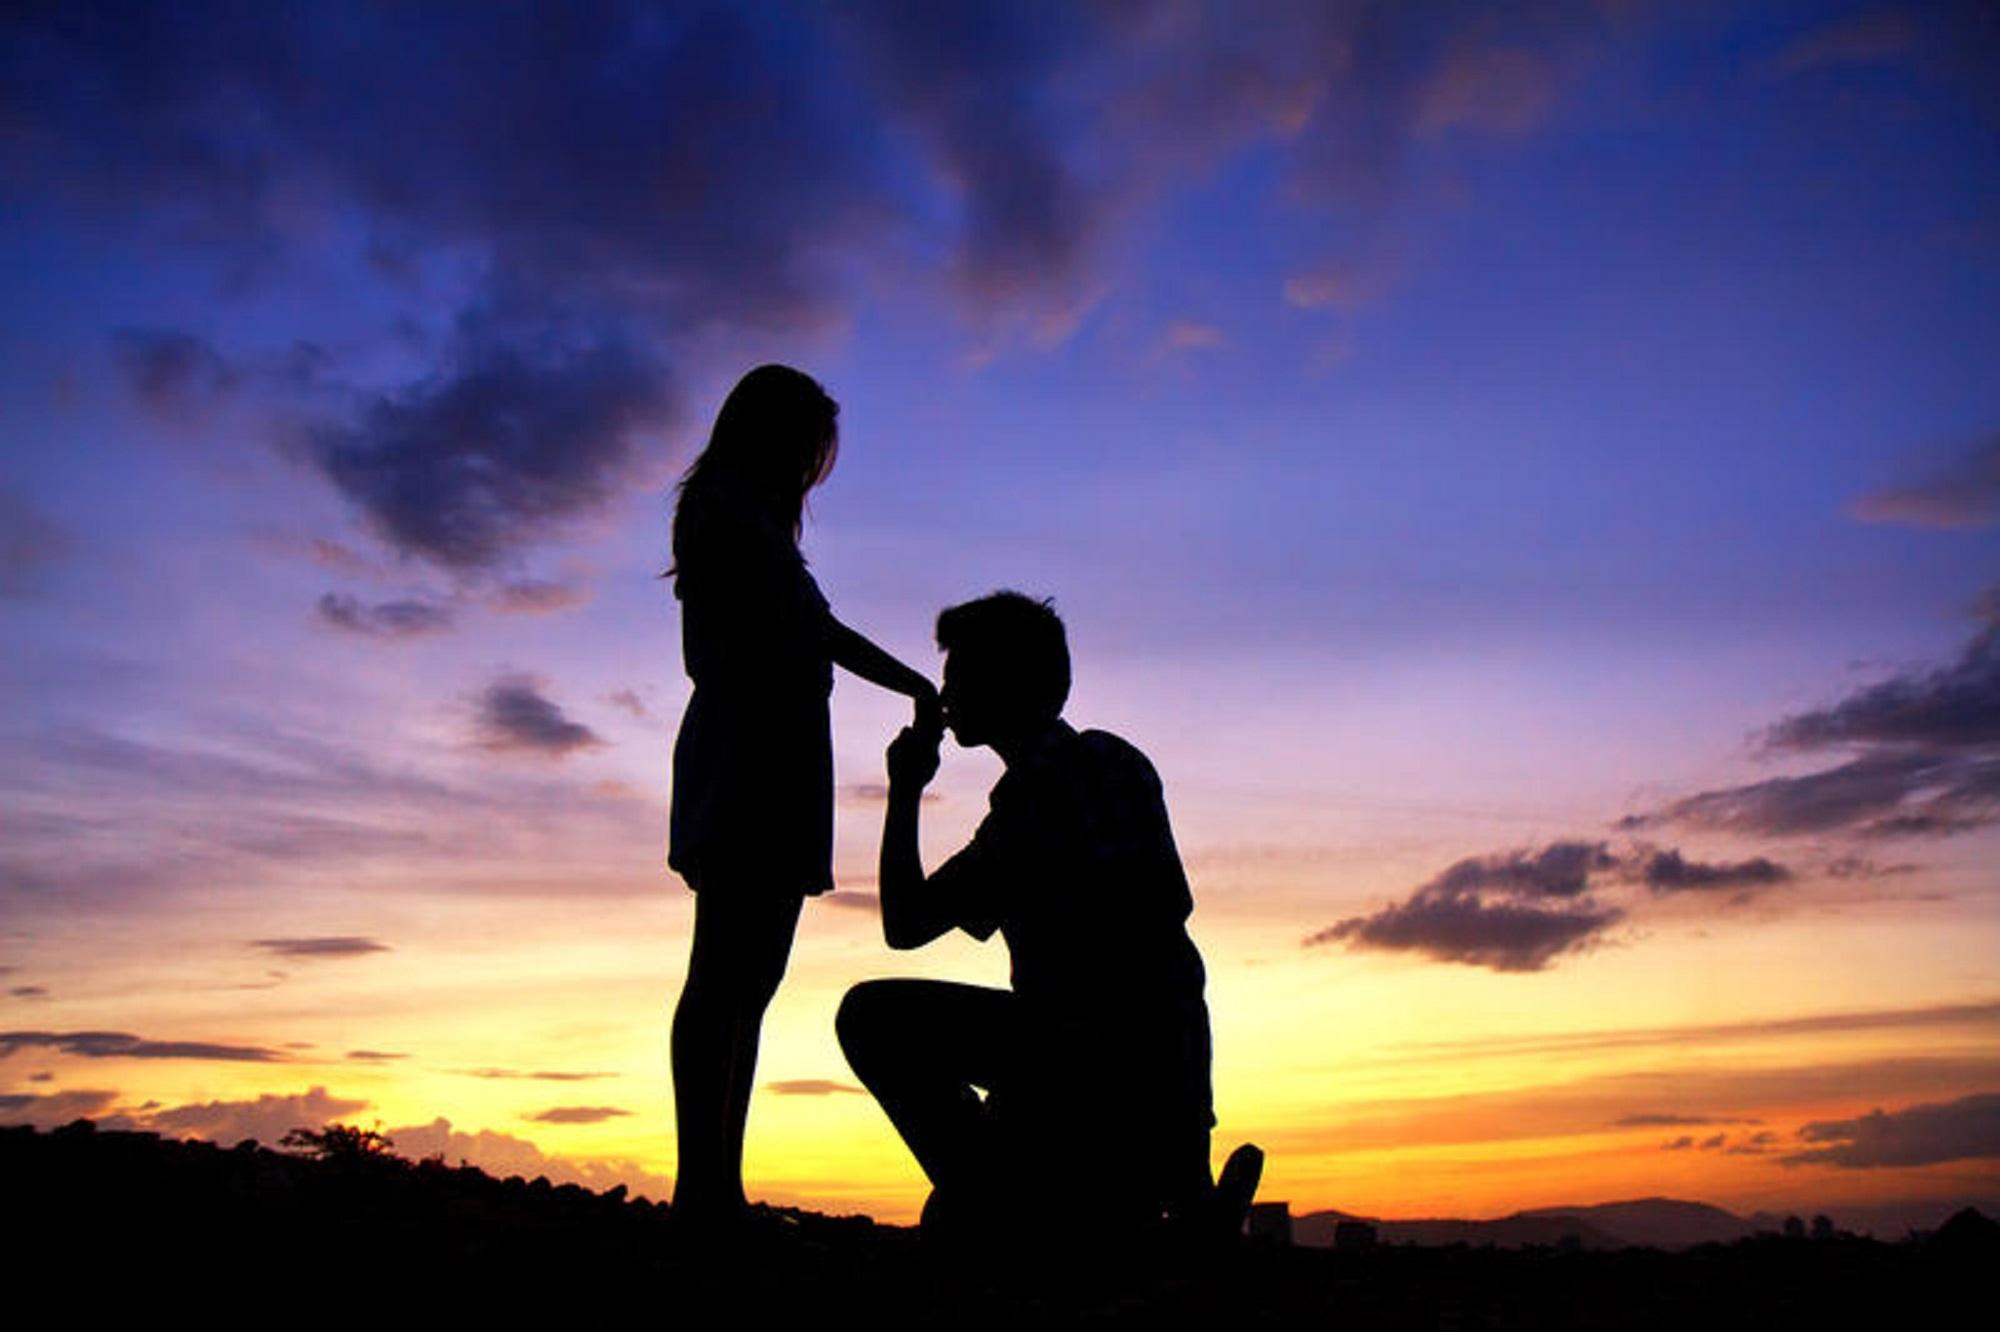 Совместимость имен в браке и любви расчет партнерских отношений